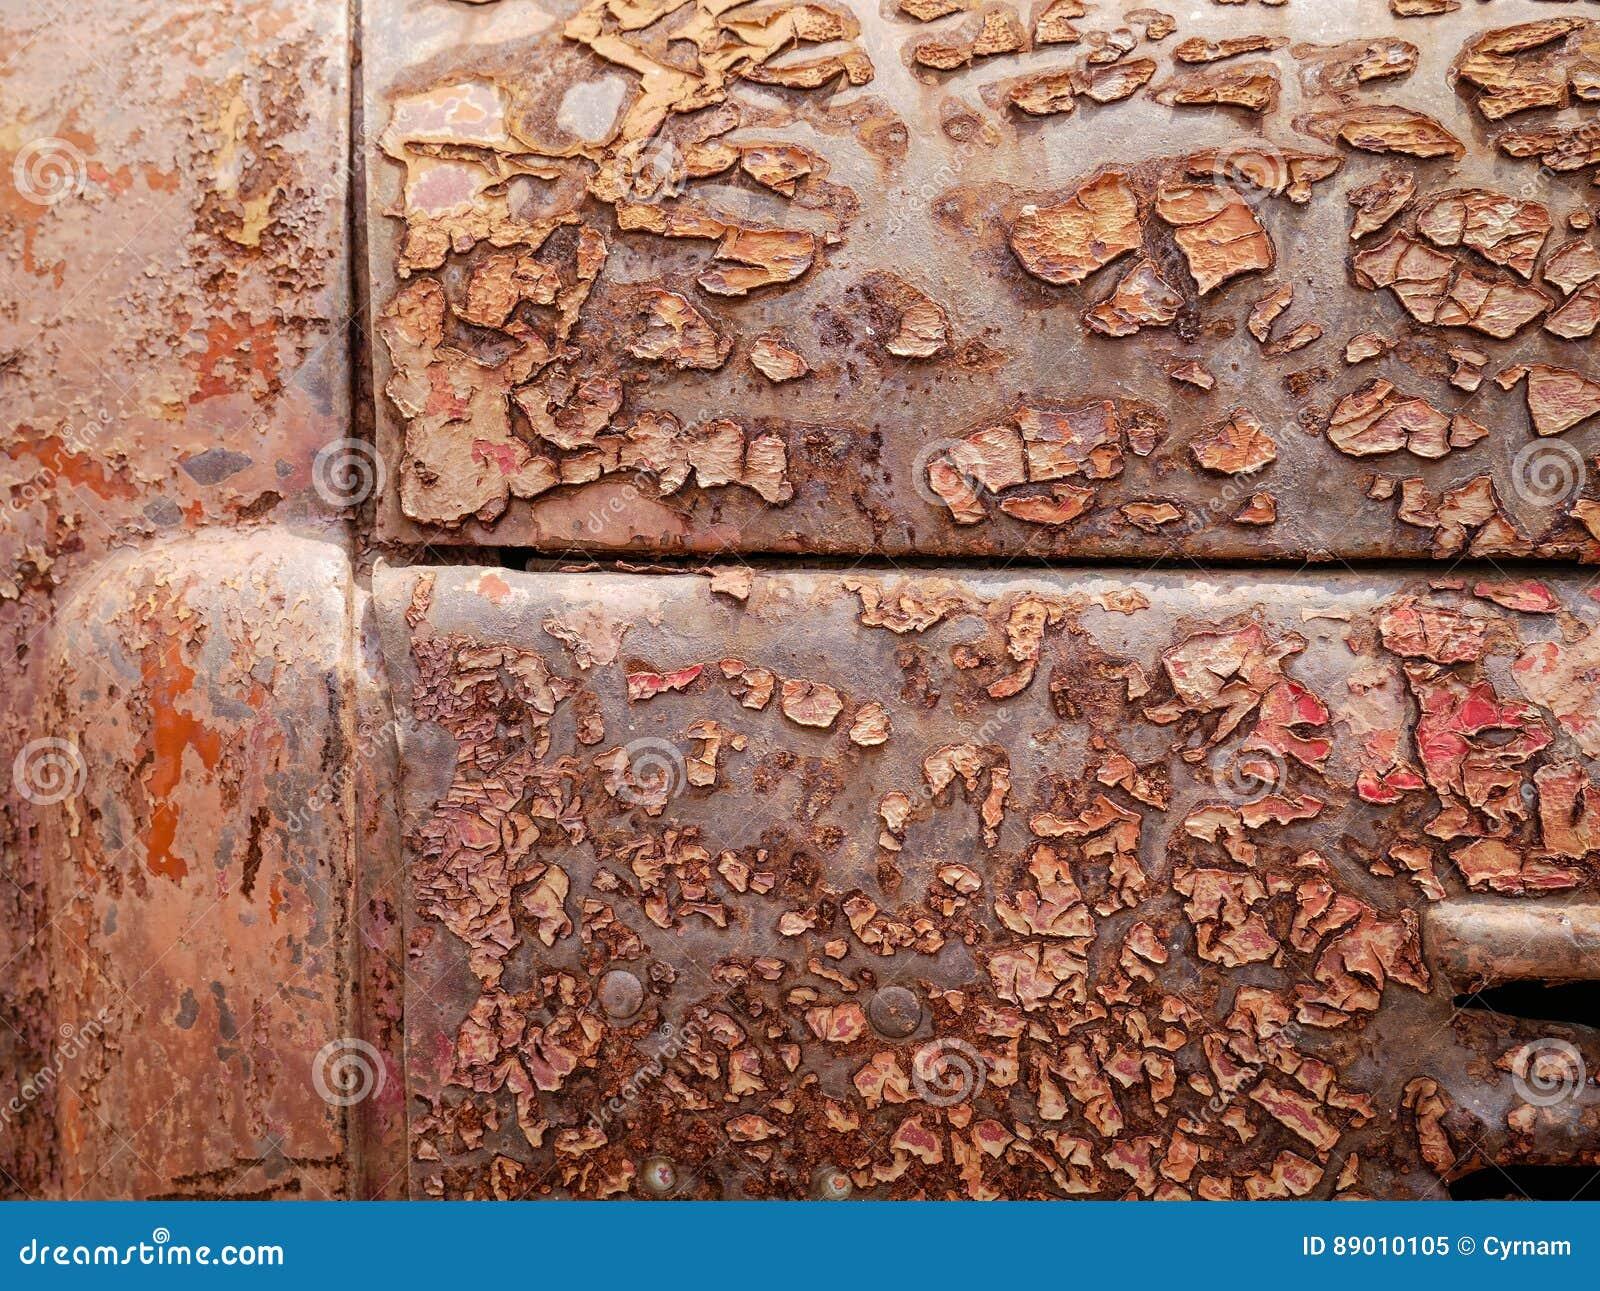 Η λεπτομέρεια και κλείνει επάνω της σκουριάς στο μέταλλο αυτοκινήτων με το ράγισμα, την παρουσία σκουριάς και τη διάβρωση, όμορφο